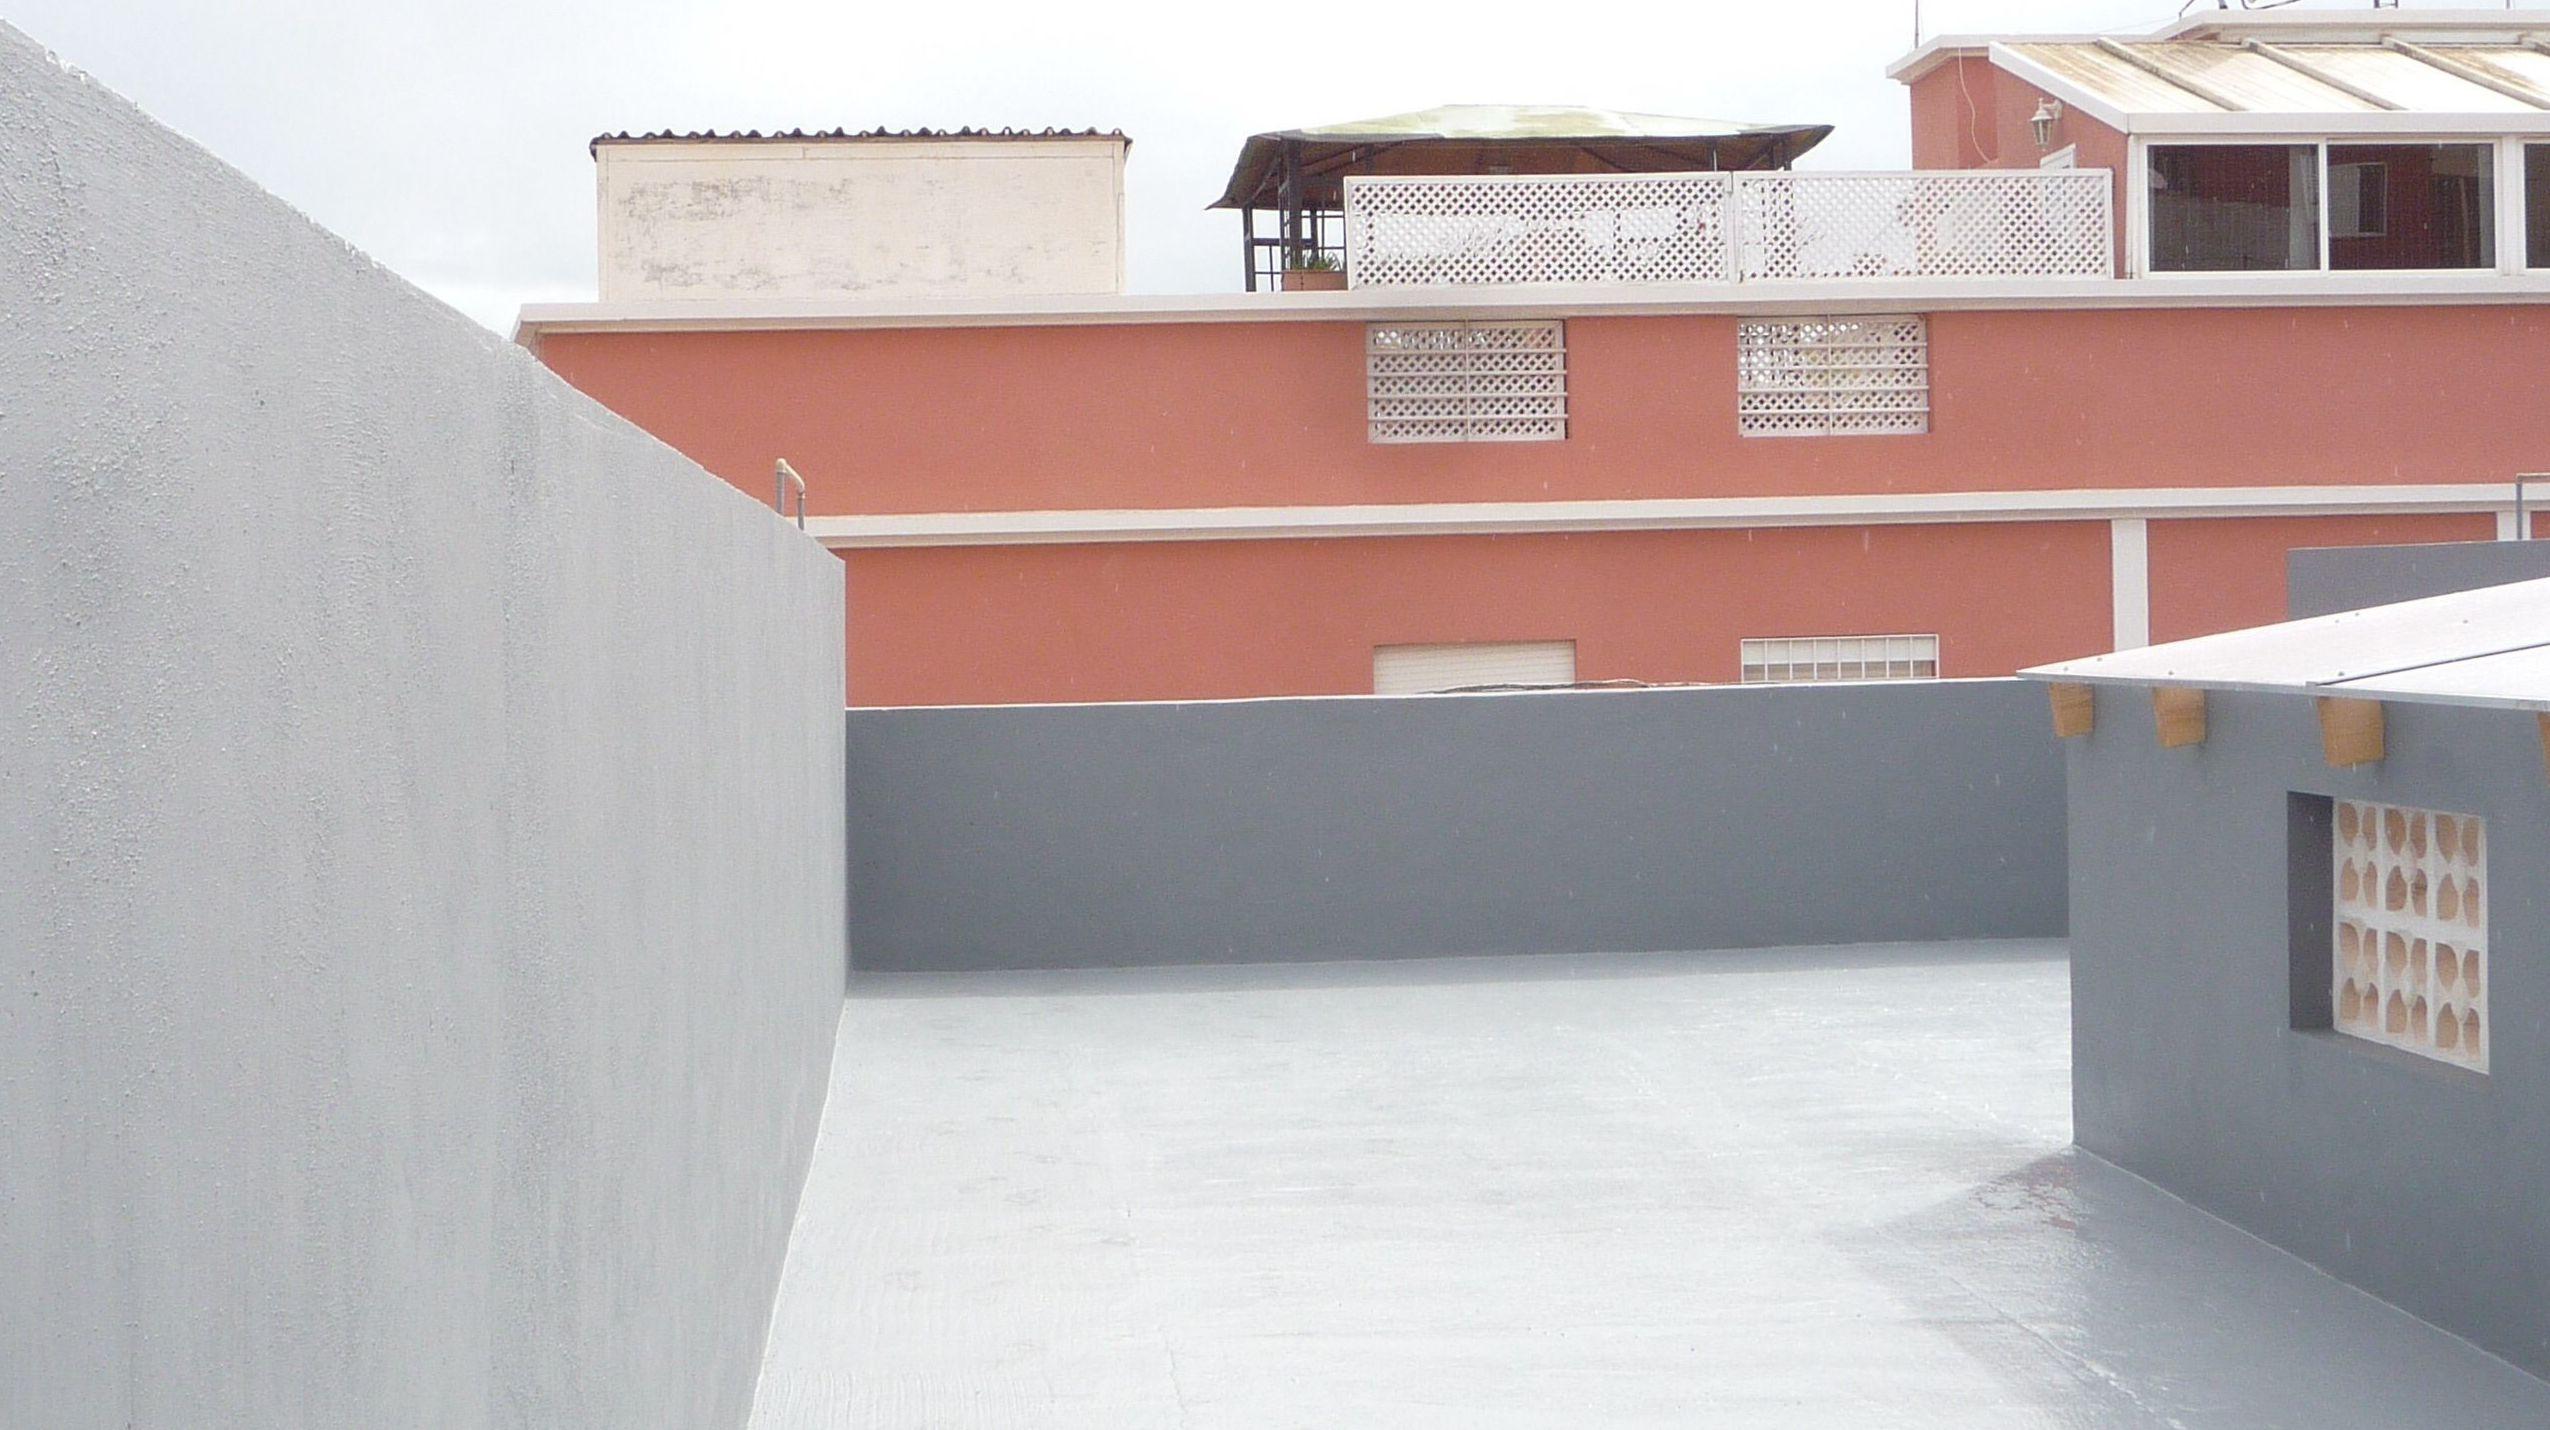 Reforma vivienda en Santa Cruz de Tenerife. Impermeabilización de azotea.